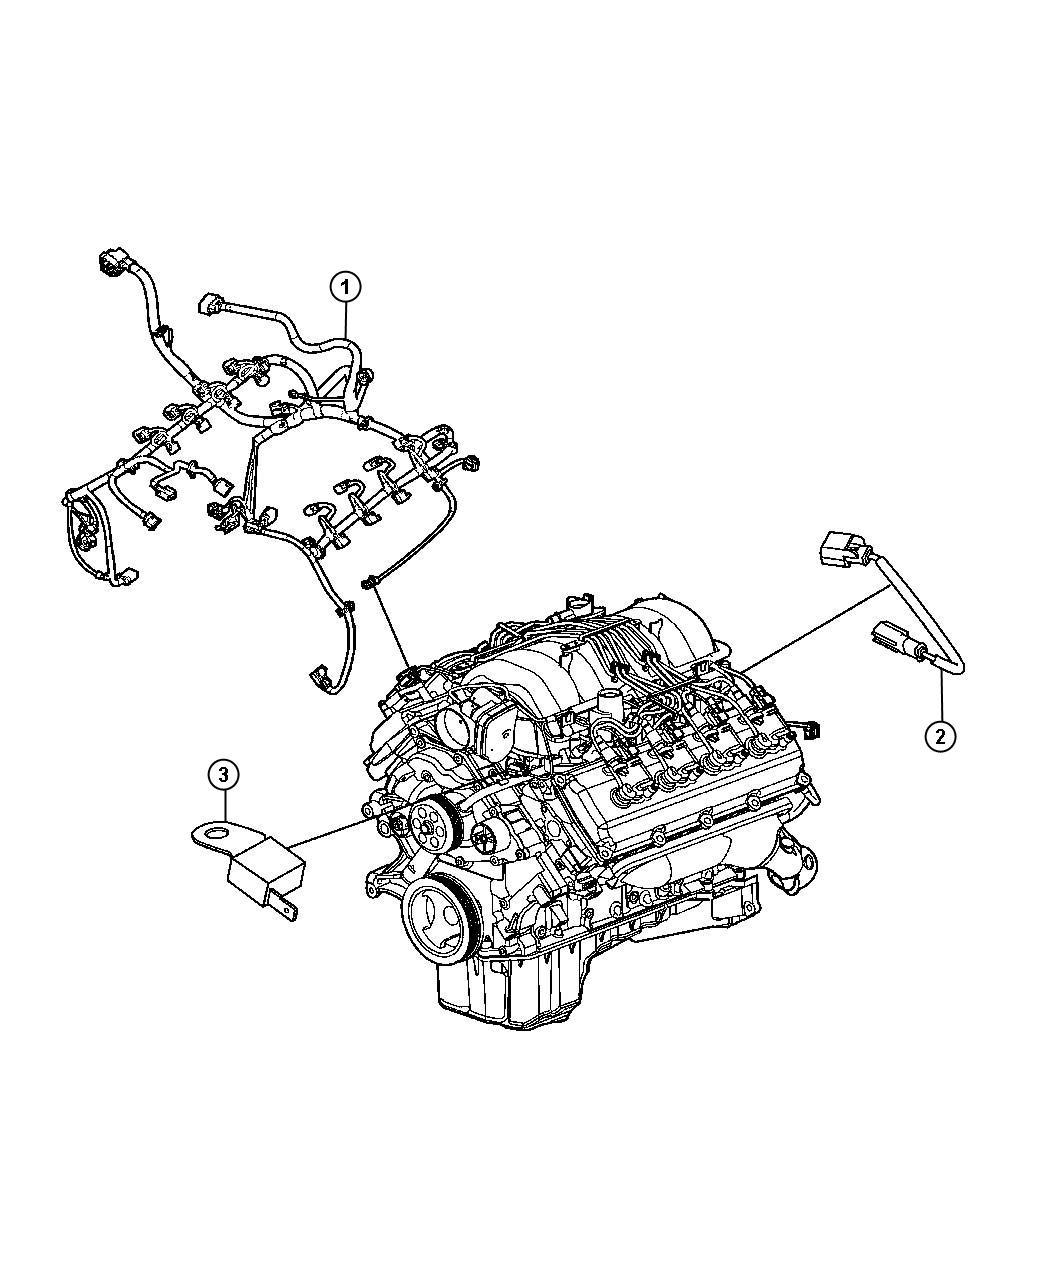 2012 Dodge Charger Wiring  Engine   160 Amp Alternator  Or